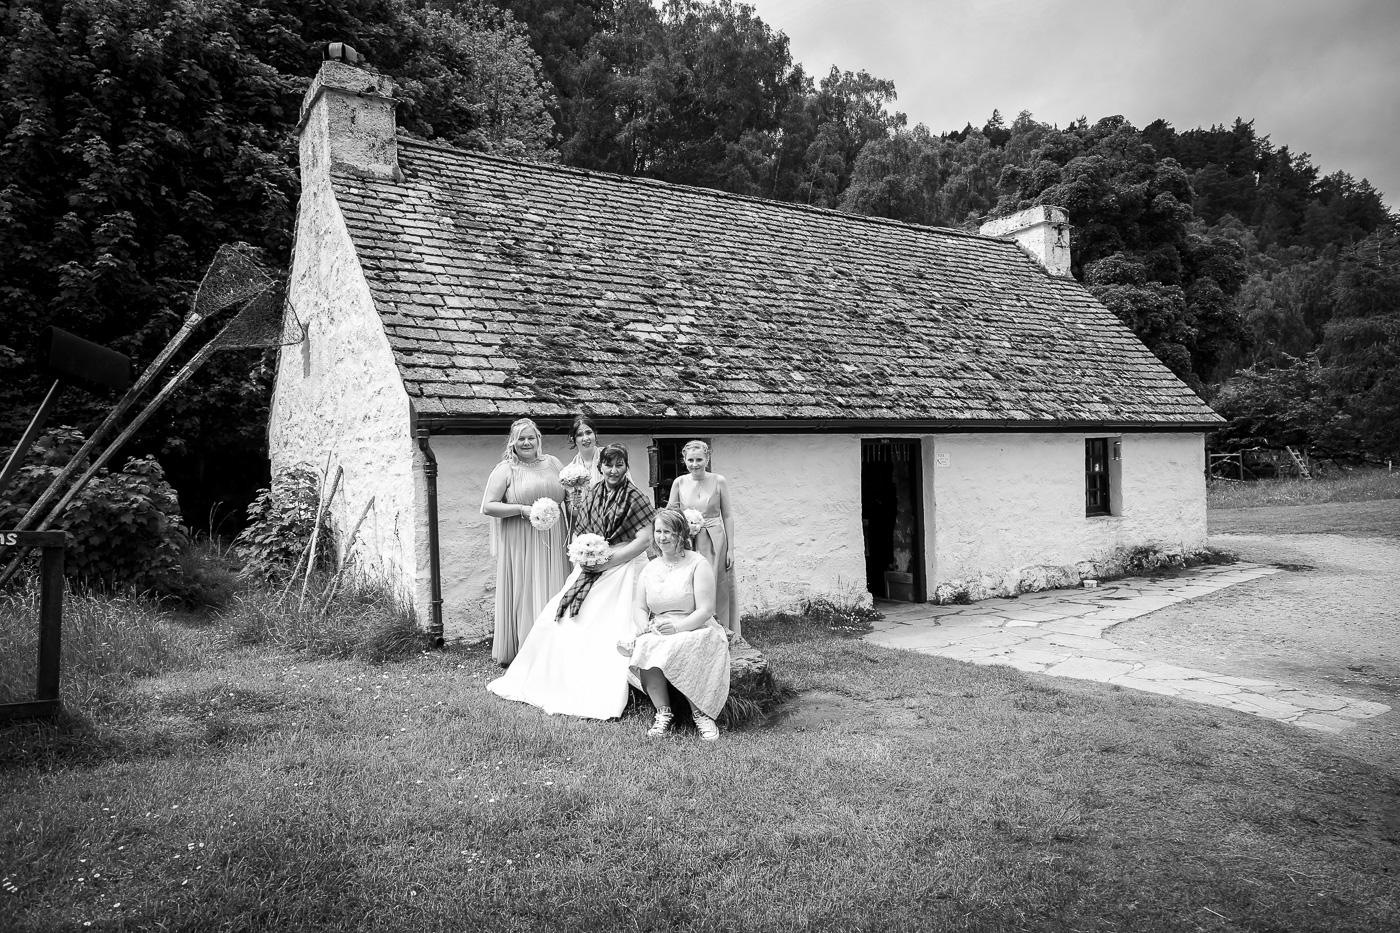 wedding photography at Loch an Eilein, Rothiemurchus-3822-2